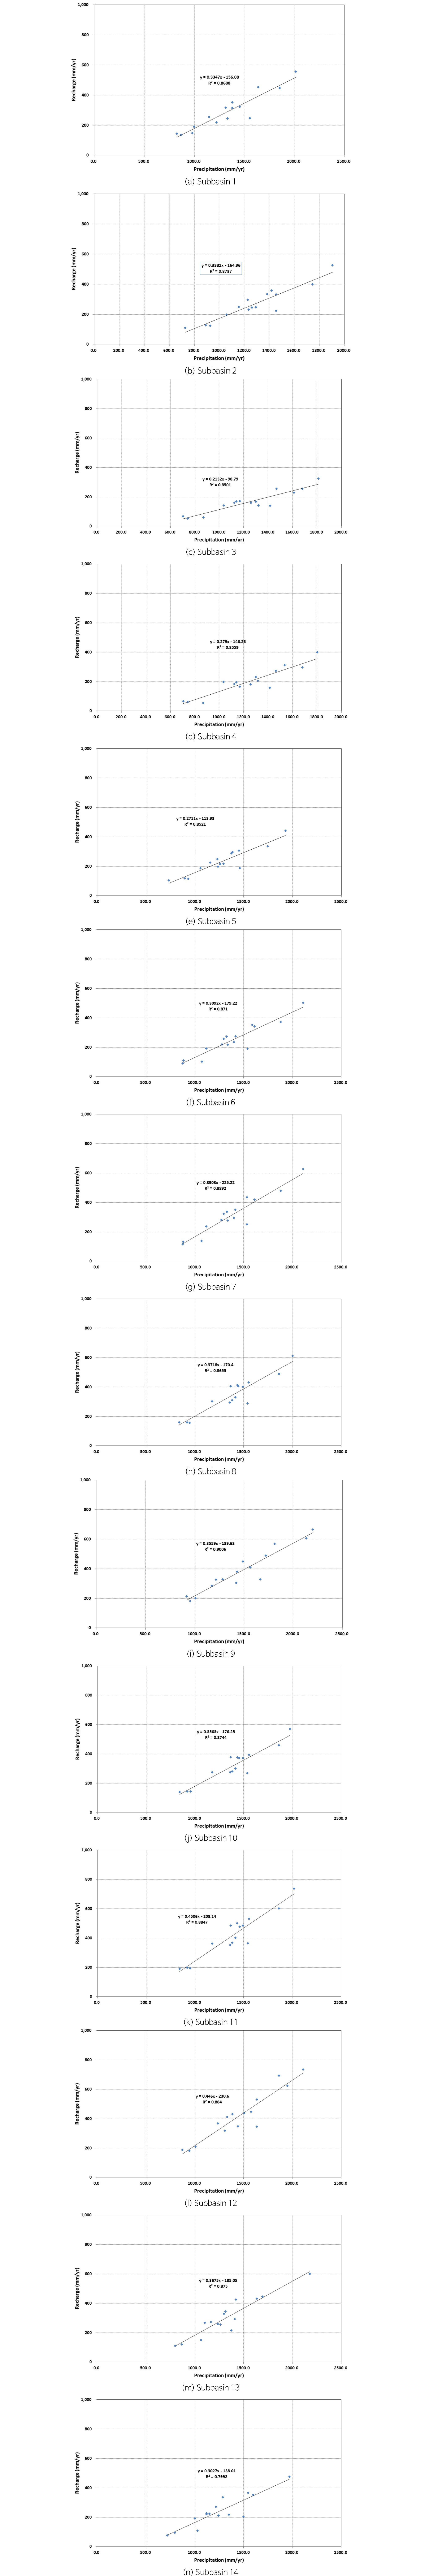 http://static.apub.kr/journalsite/sites/kseg/2020-030-03/N0520300304/images/kseg_30_03_04_F7.jpg